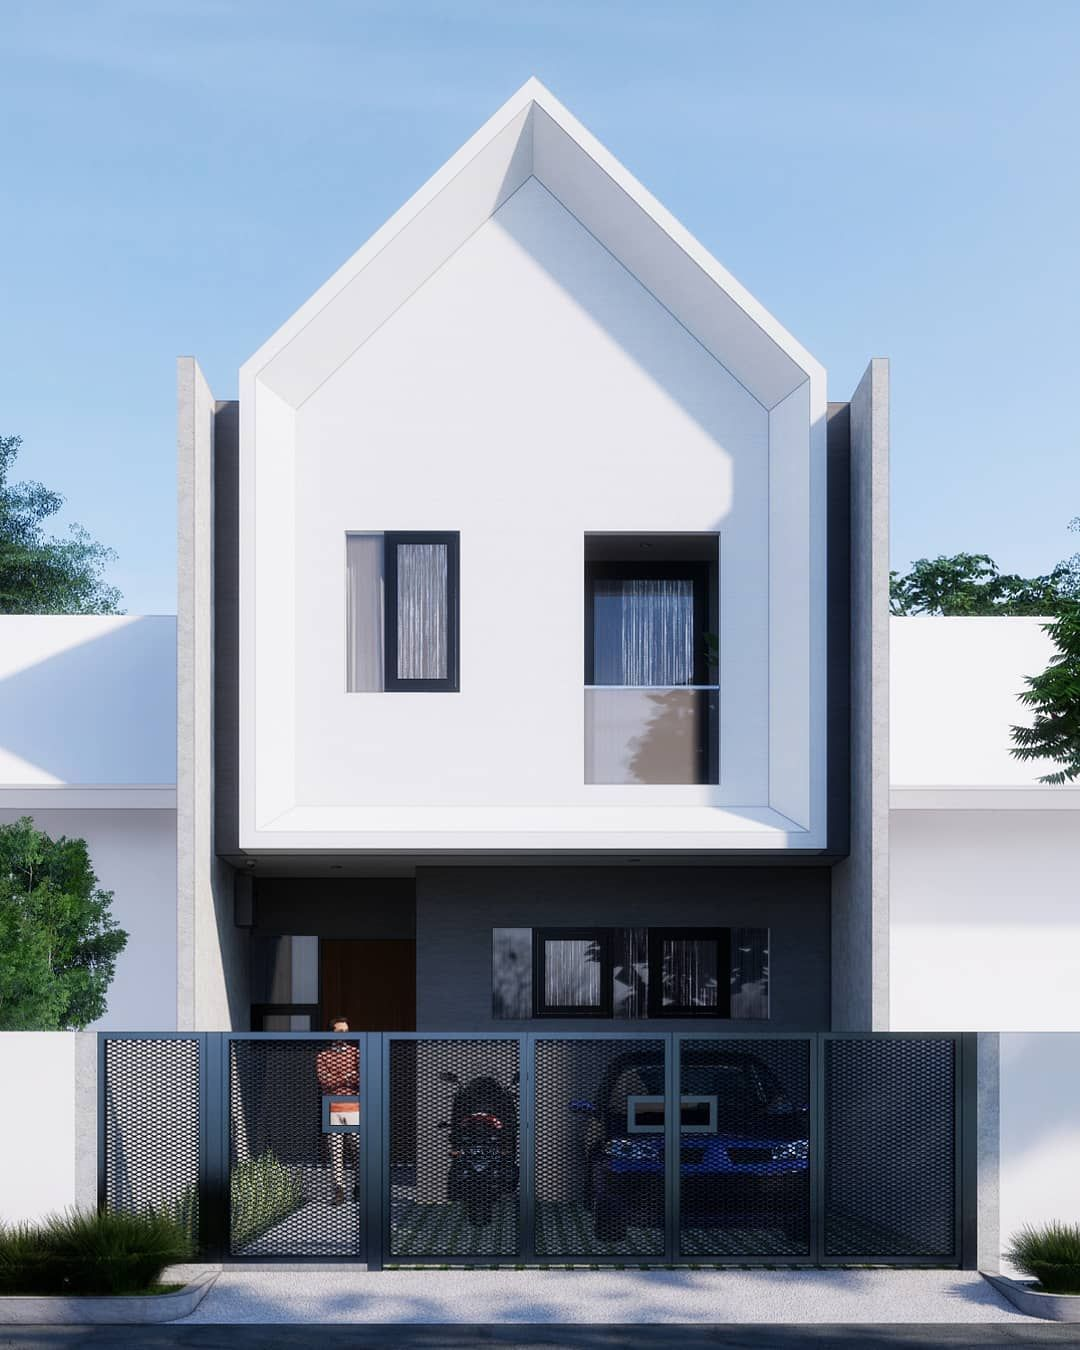 Pin Di Model Rumah Minimalis 2020